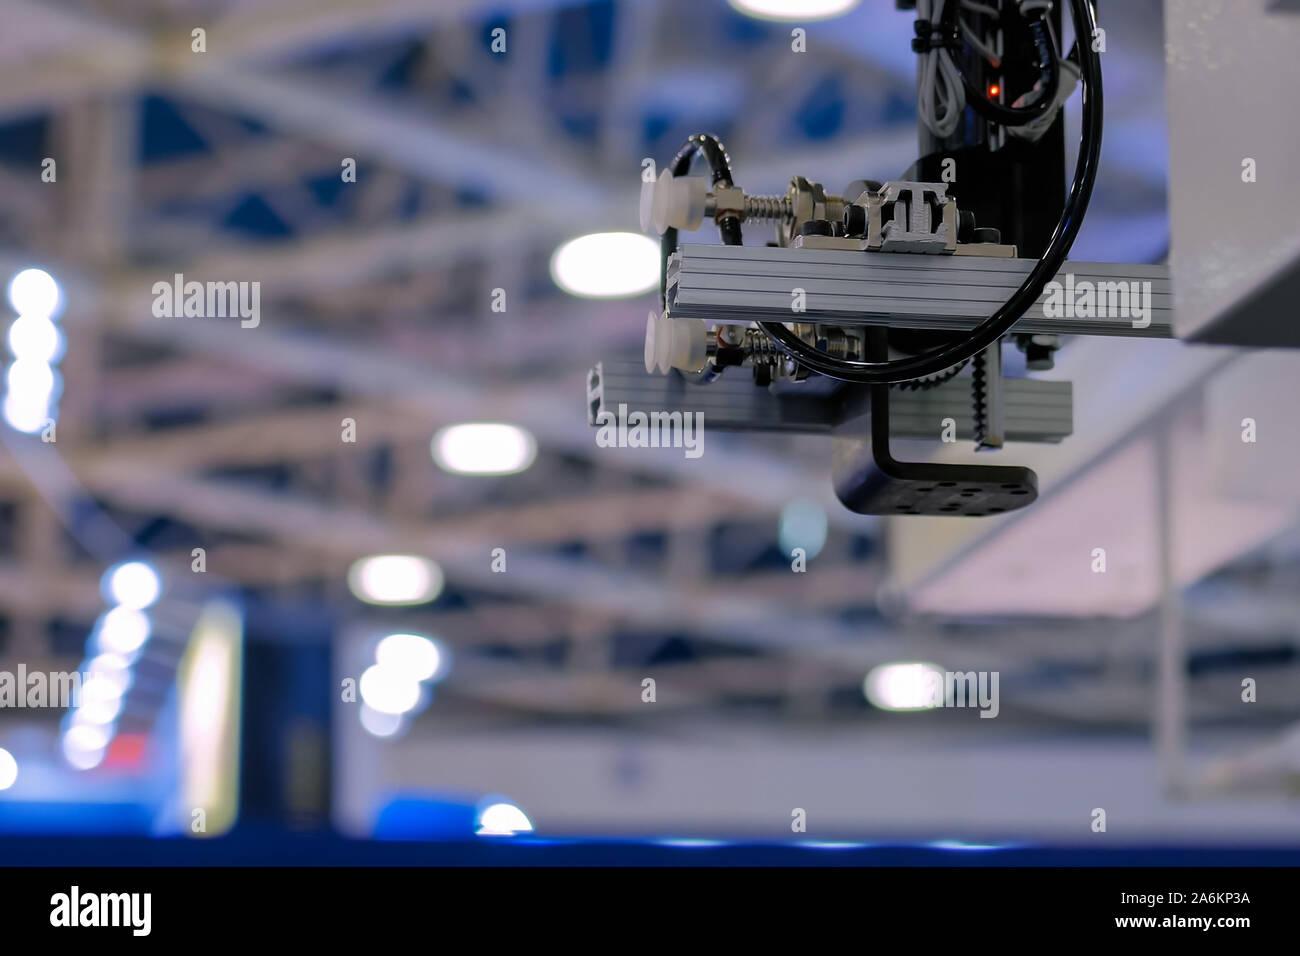 Brazo robótico automático manipulador con ventosas en la planta - cerrar Foto de stock